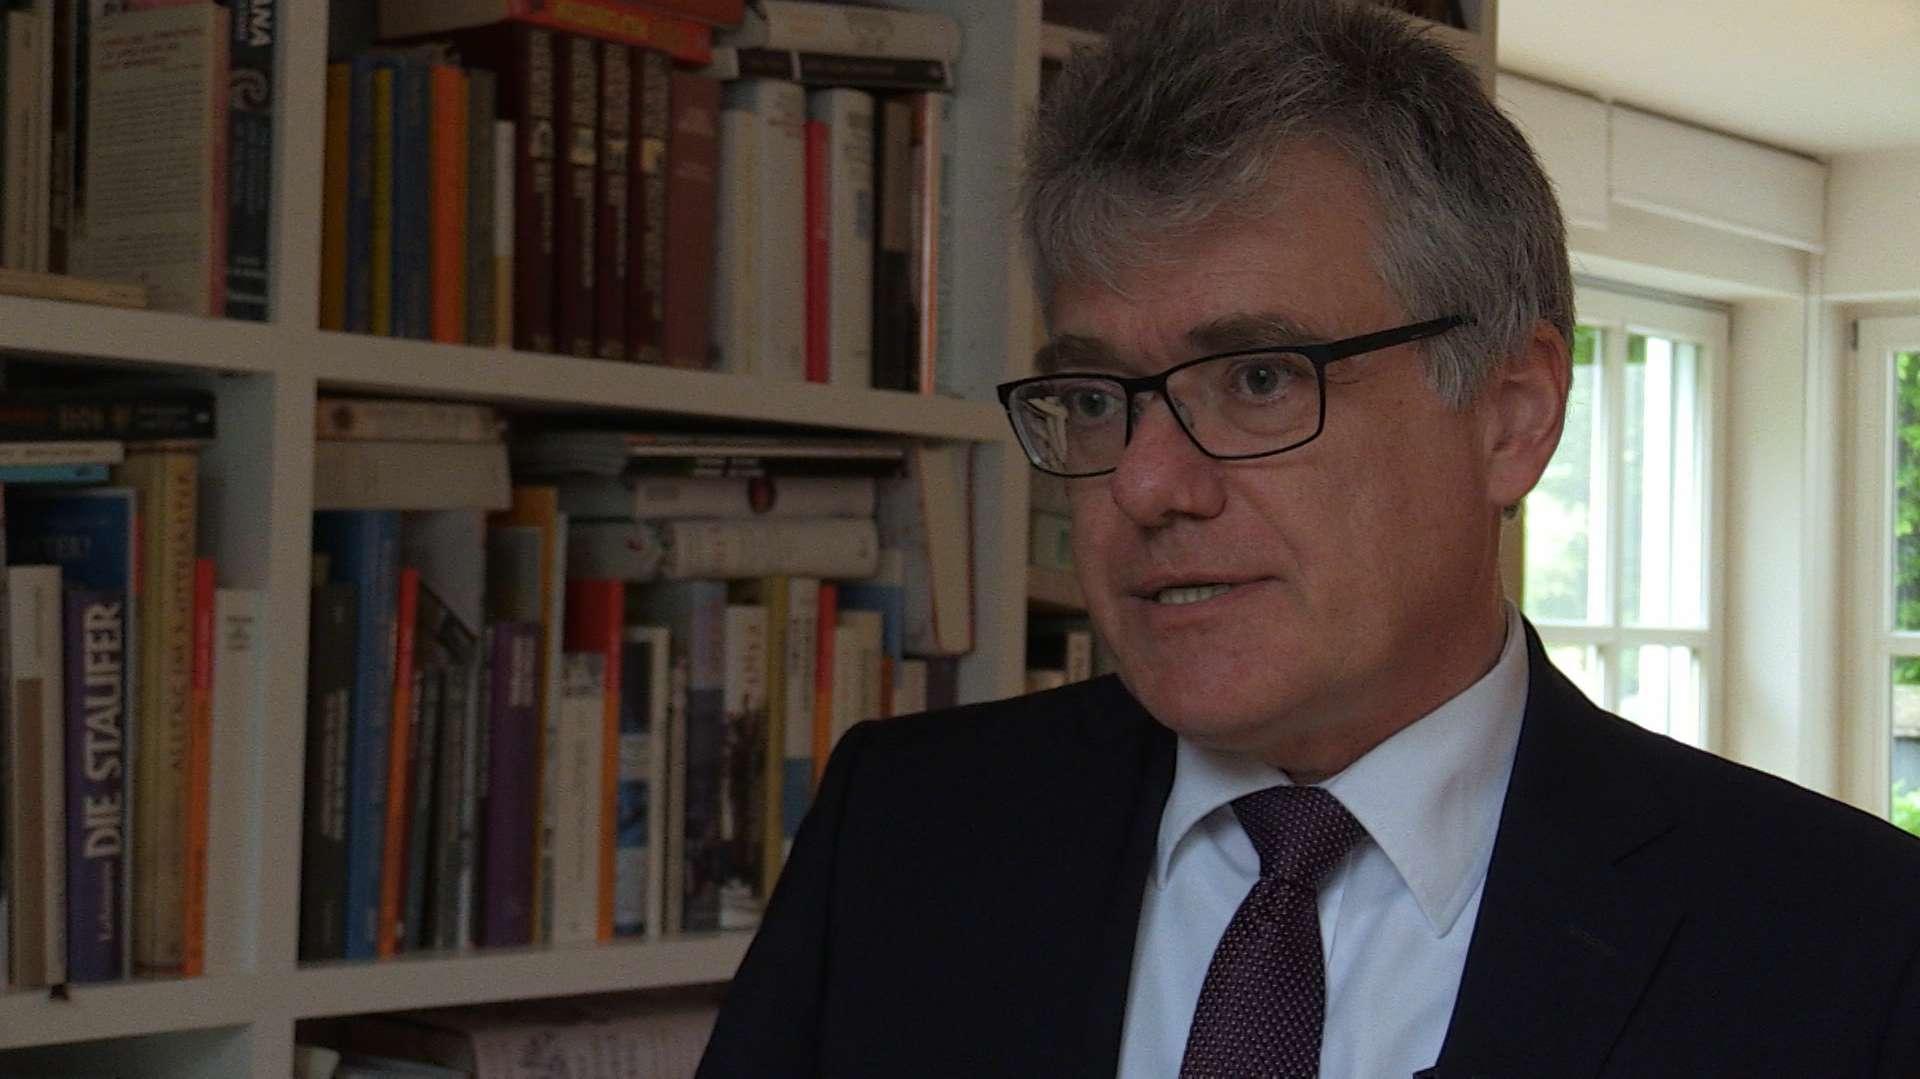 Markus Taube, Professor für Osatasienwirtschaft an der Universität Duisburg-Essen